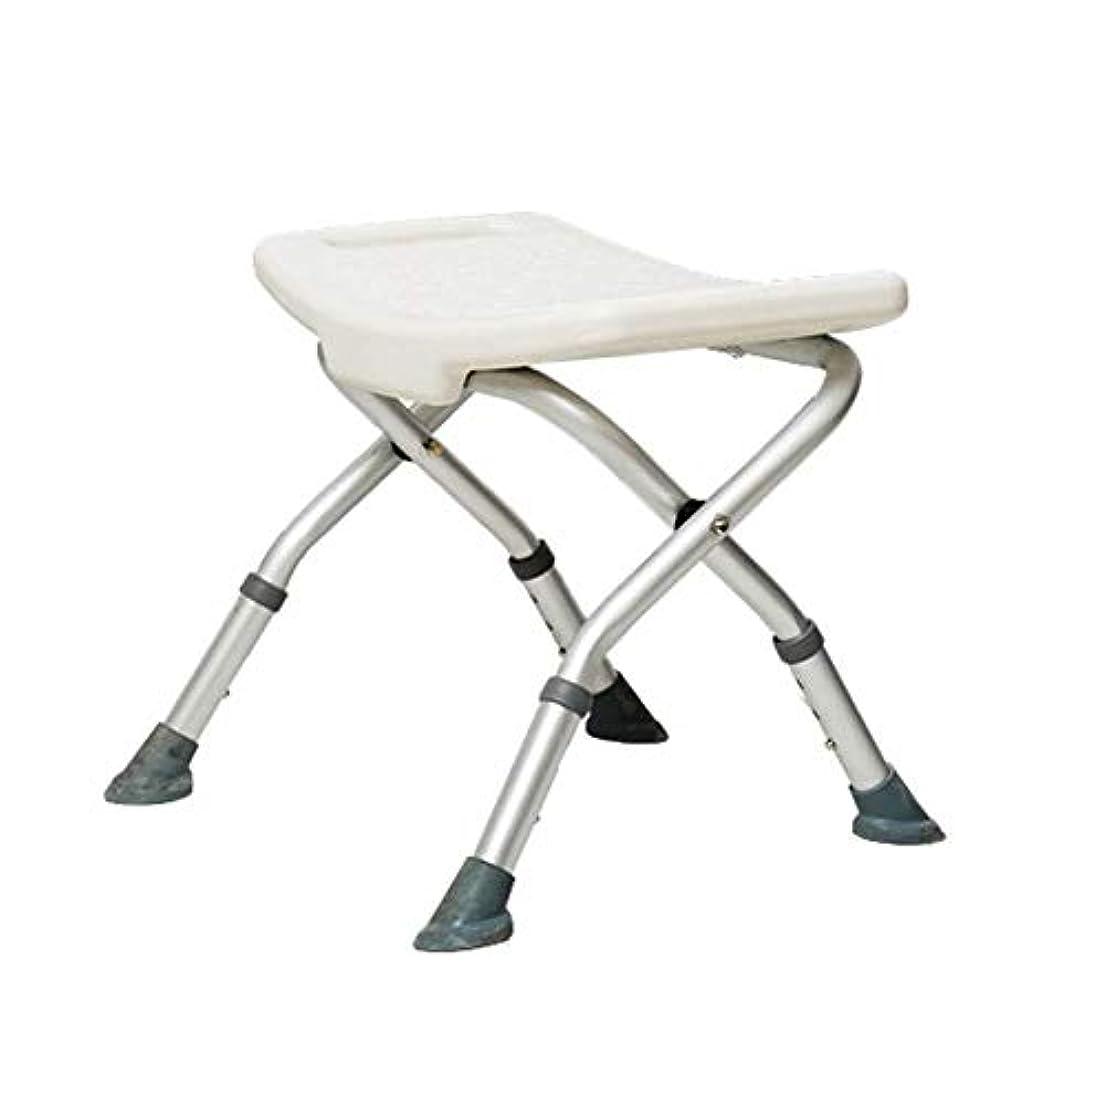 競争力のある落ち着いた確執トイレチェアハンディキャップ用折りたたみ椅子